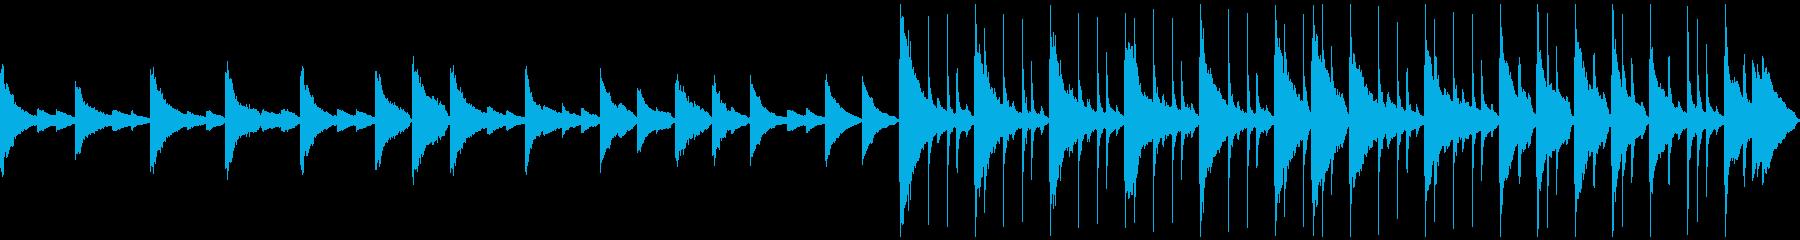 ピアノ主体メロディ無し優しいバラード短めの再生済みの波形